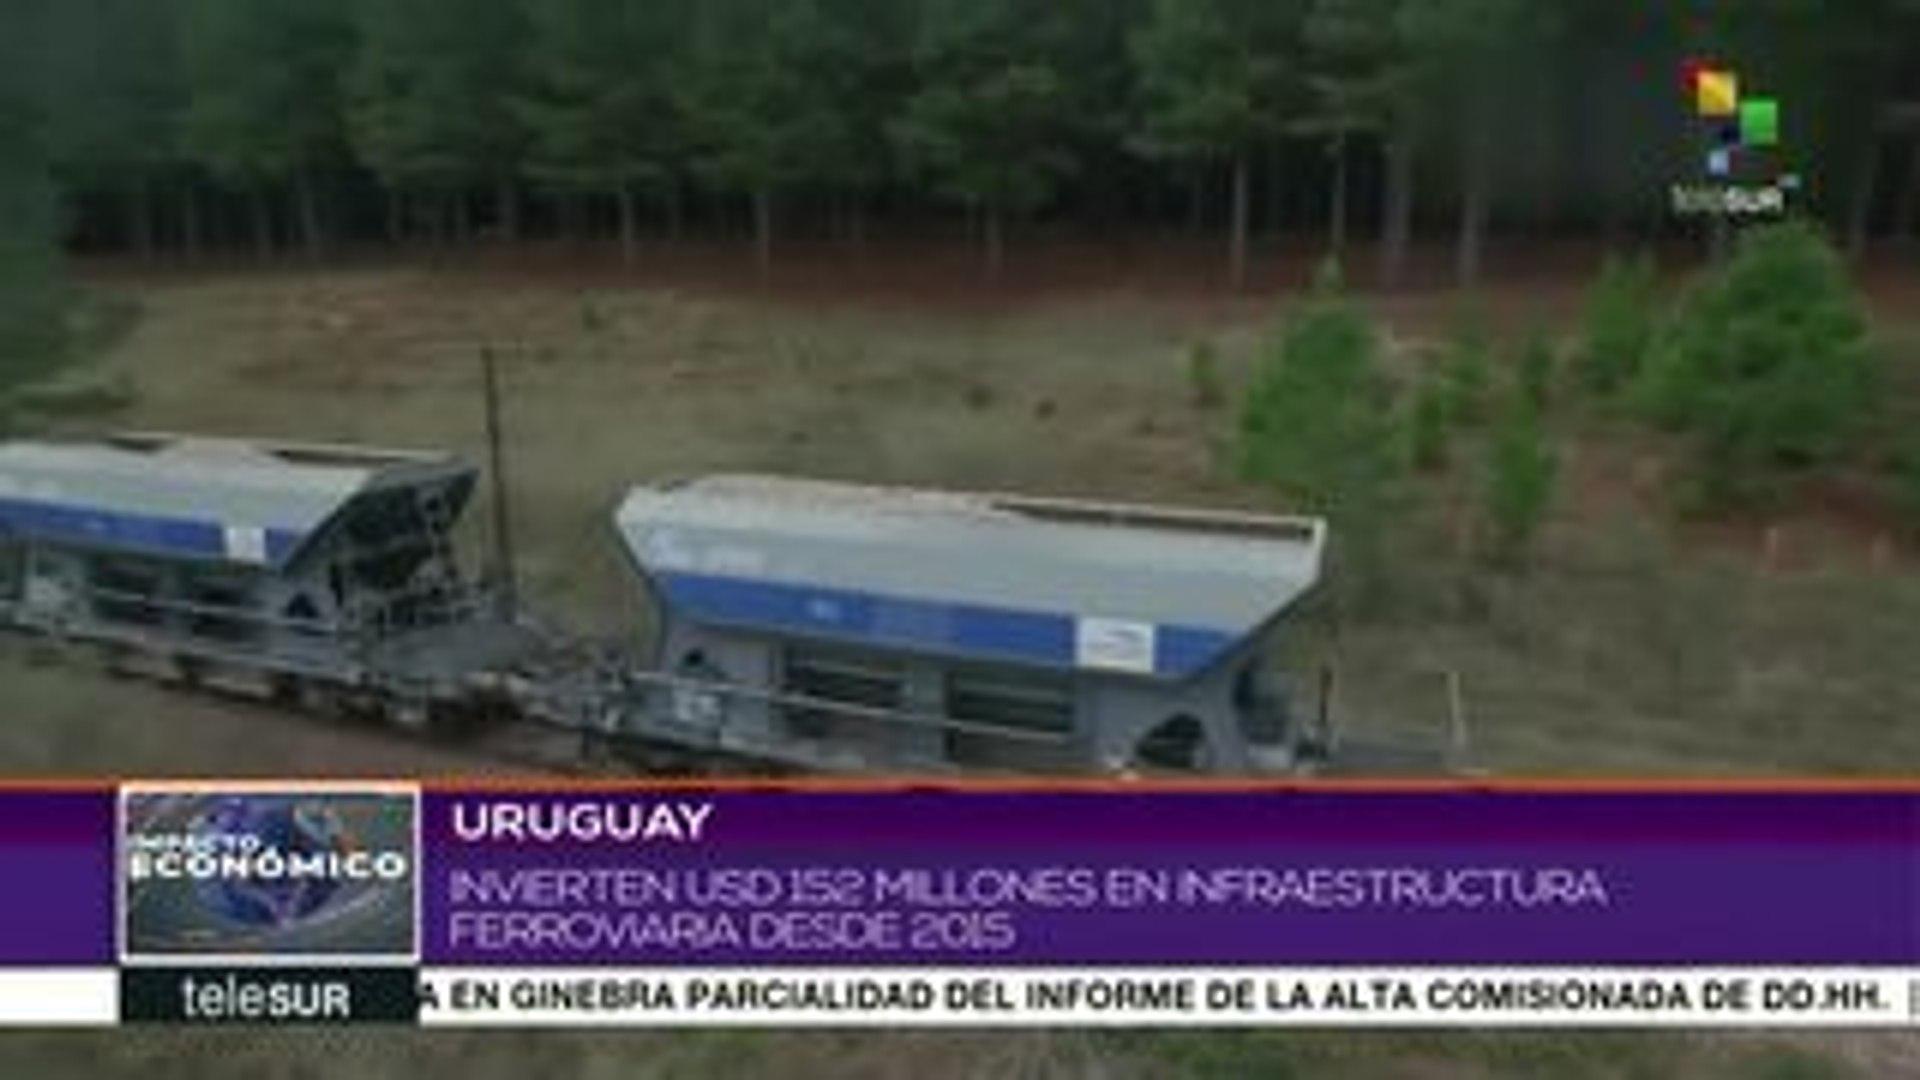 Uruguay invirtió 152 mdd en infraestructura ferroviaria desde 2015